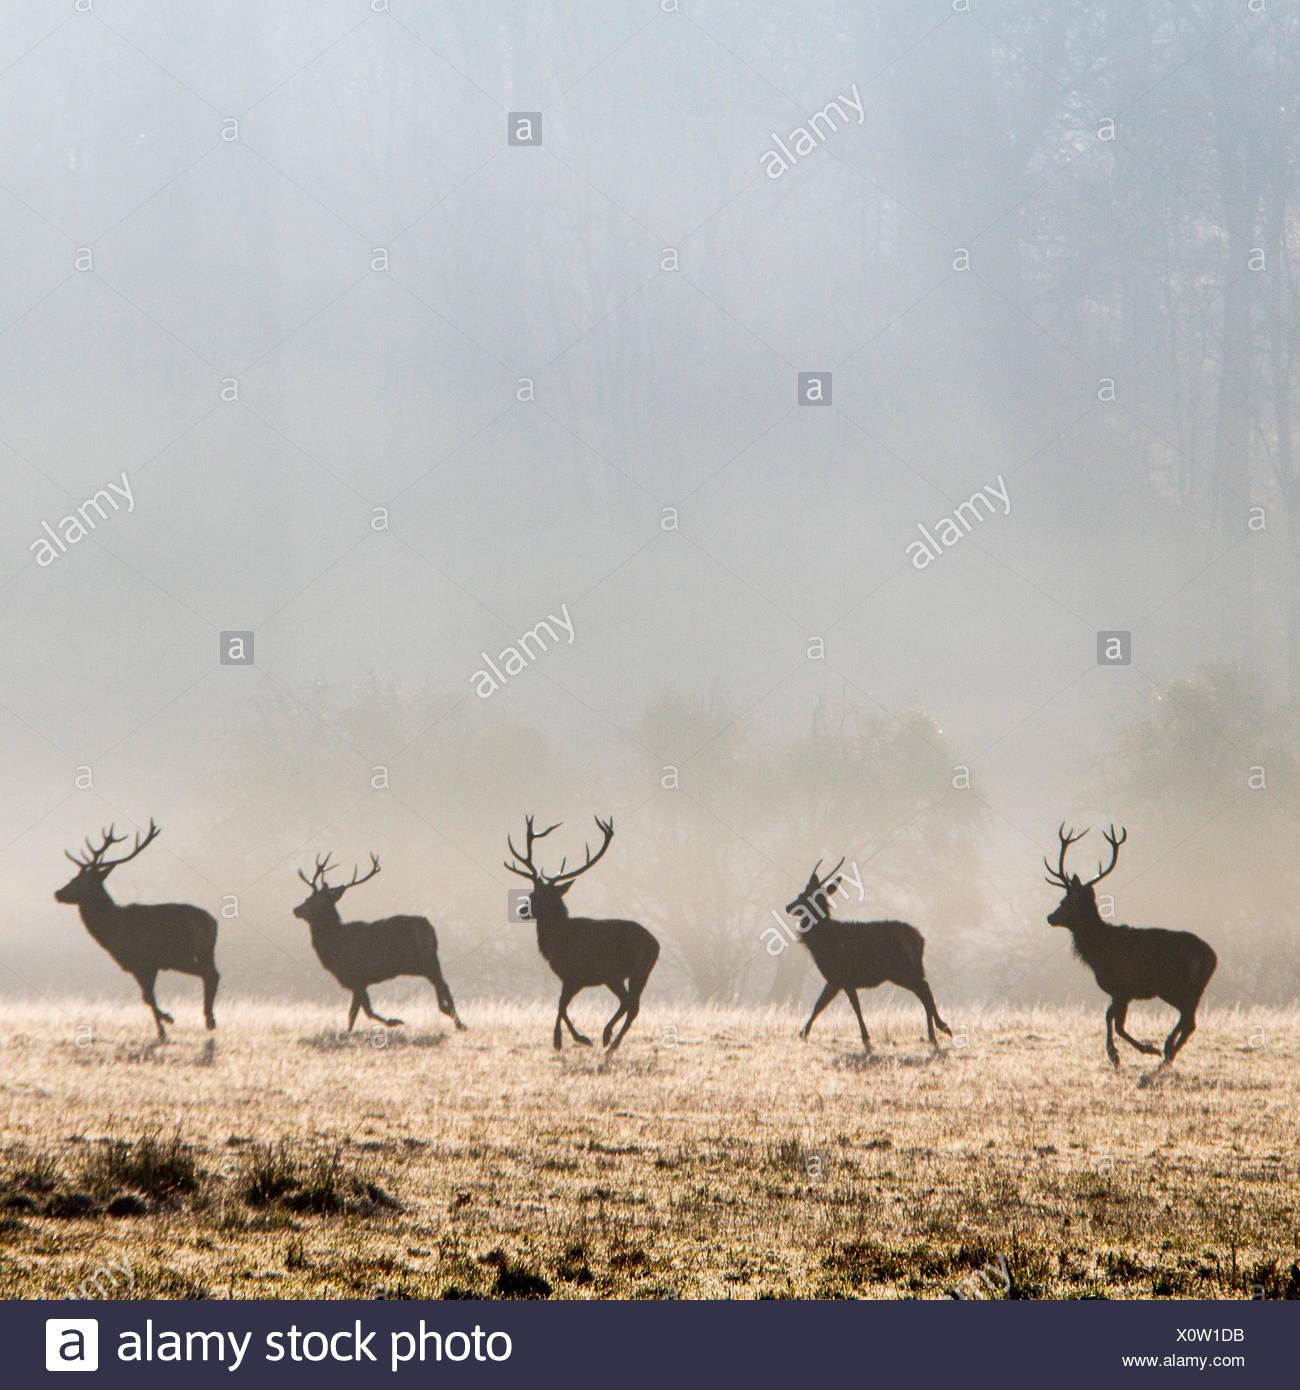 Row of deer running in park, Berkshire, England, UK - Stock Image